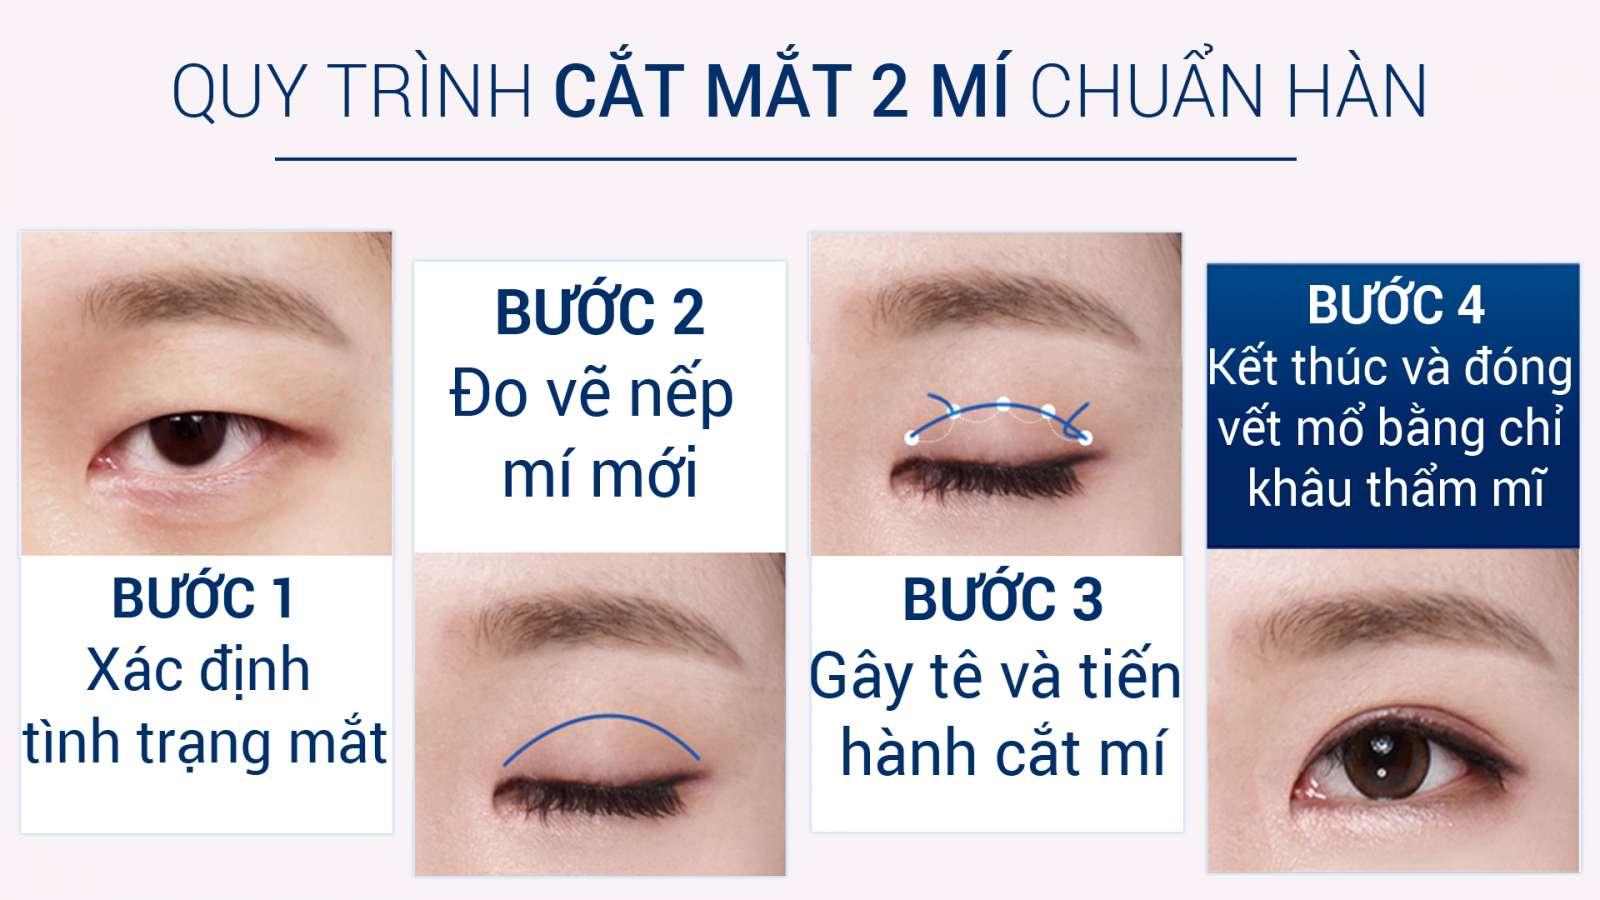 quy-trinh-cat-mat-2-mi-chuan-han-quoc